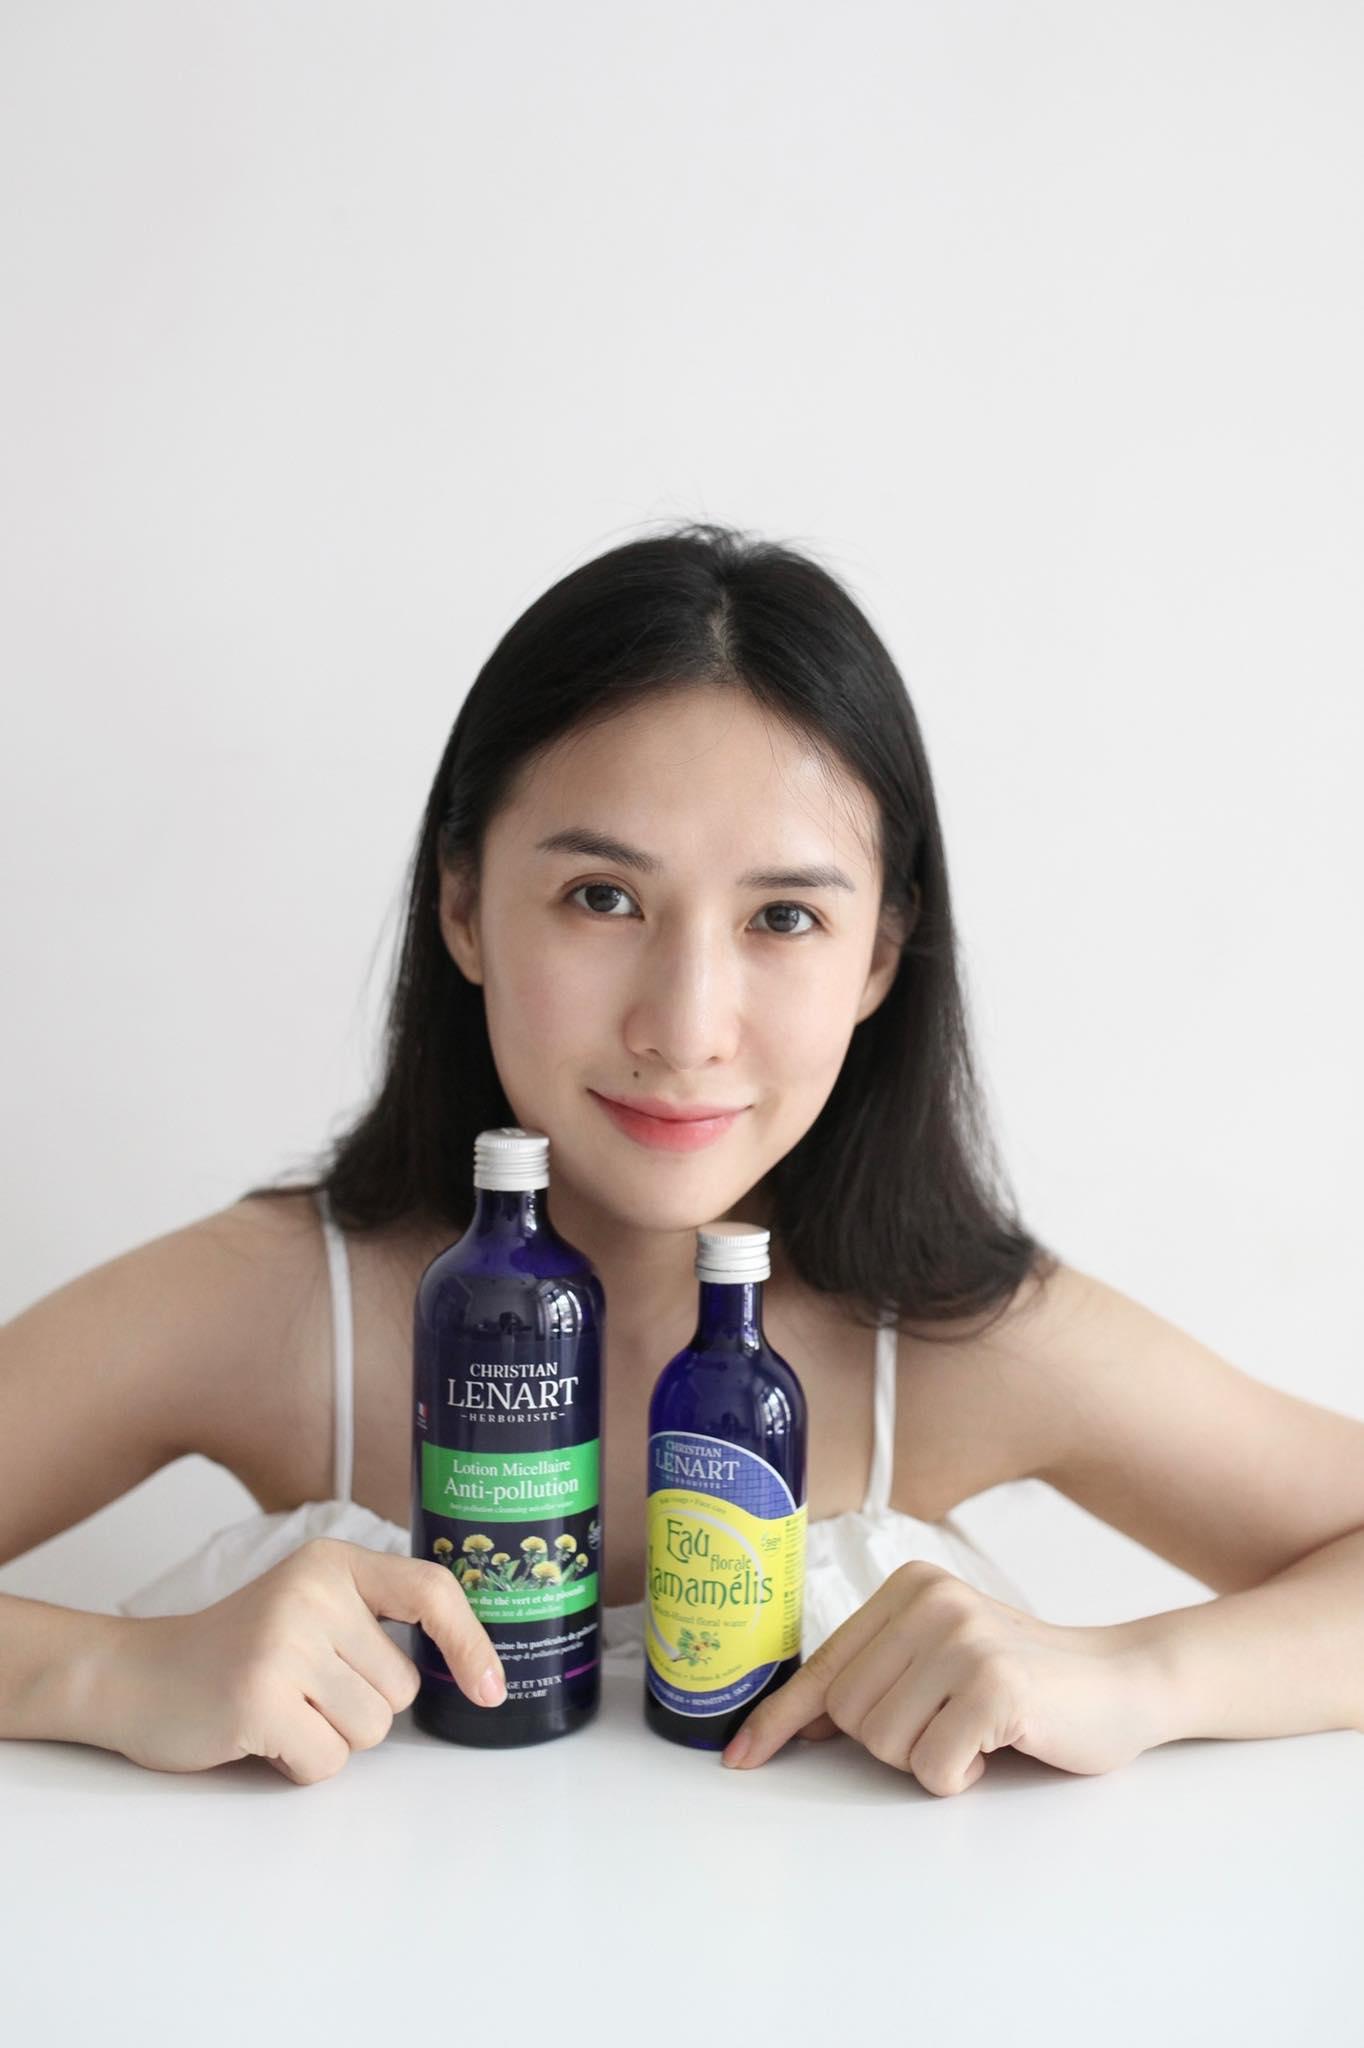 KOL Việt dùng mỹ phẩm gì: Kendall Nguyễn khoe tẩy trang thần thánh, rich kid Thảo Trinh Nguyễn mách nước loại toner làm dịu da - Ảnh 2.